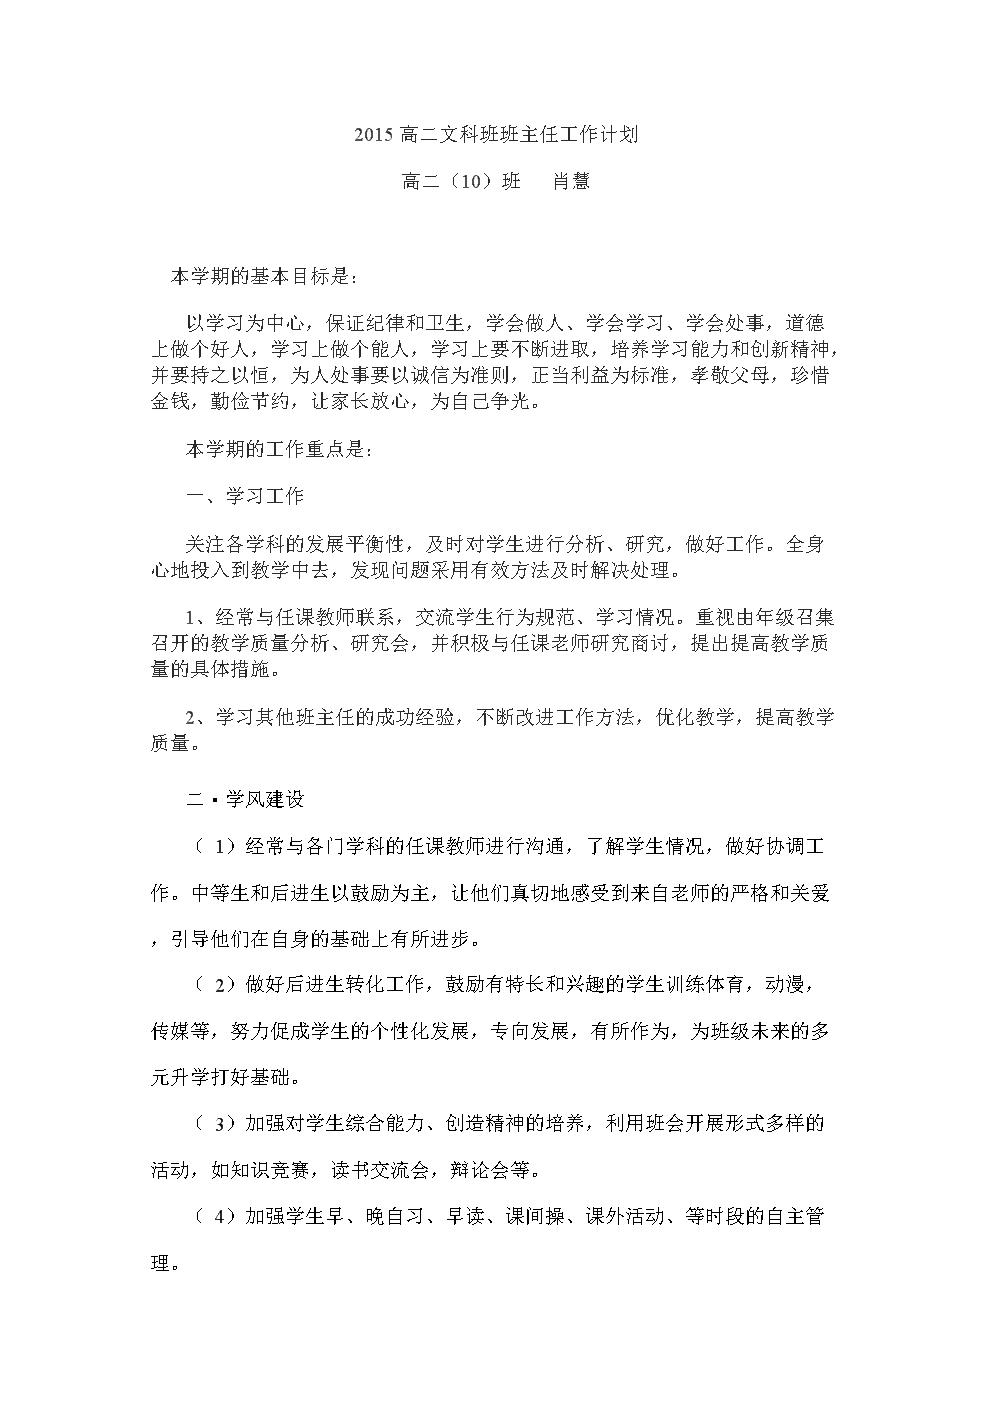 2015高二文科班班主任工作计划.doc